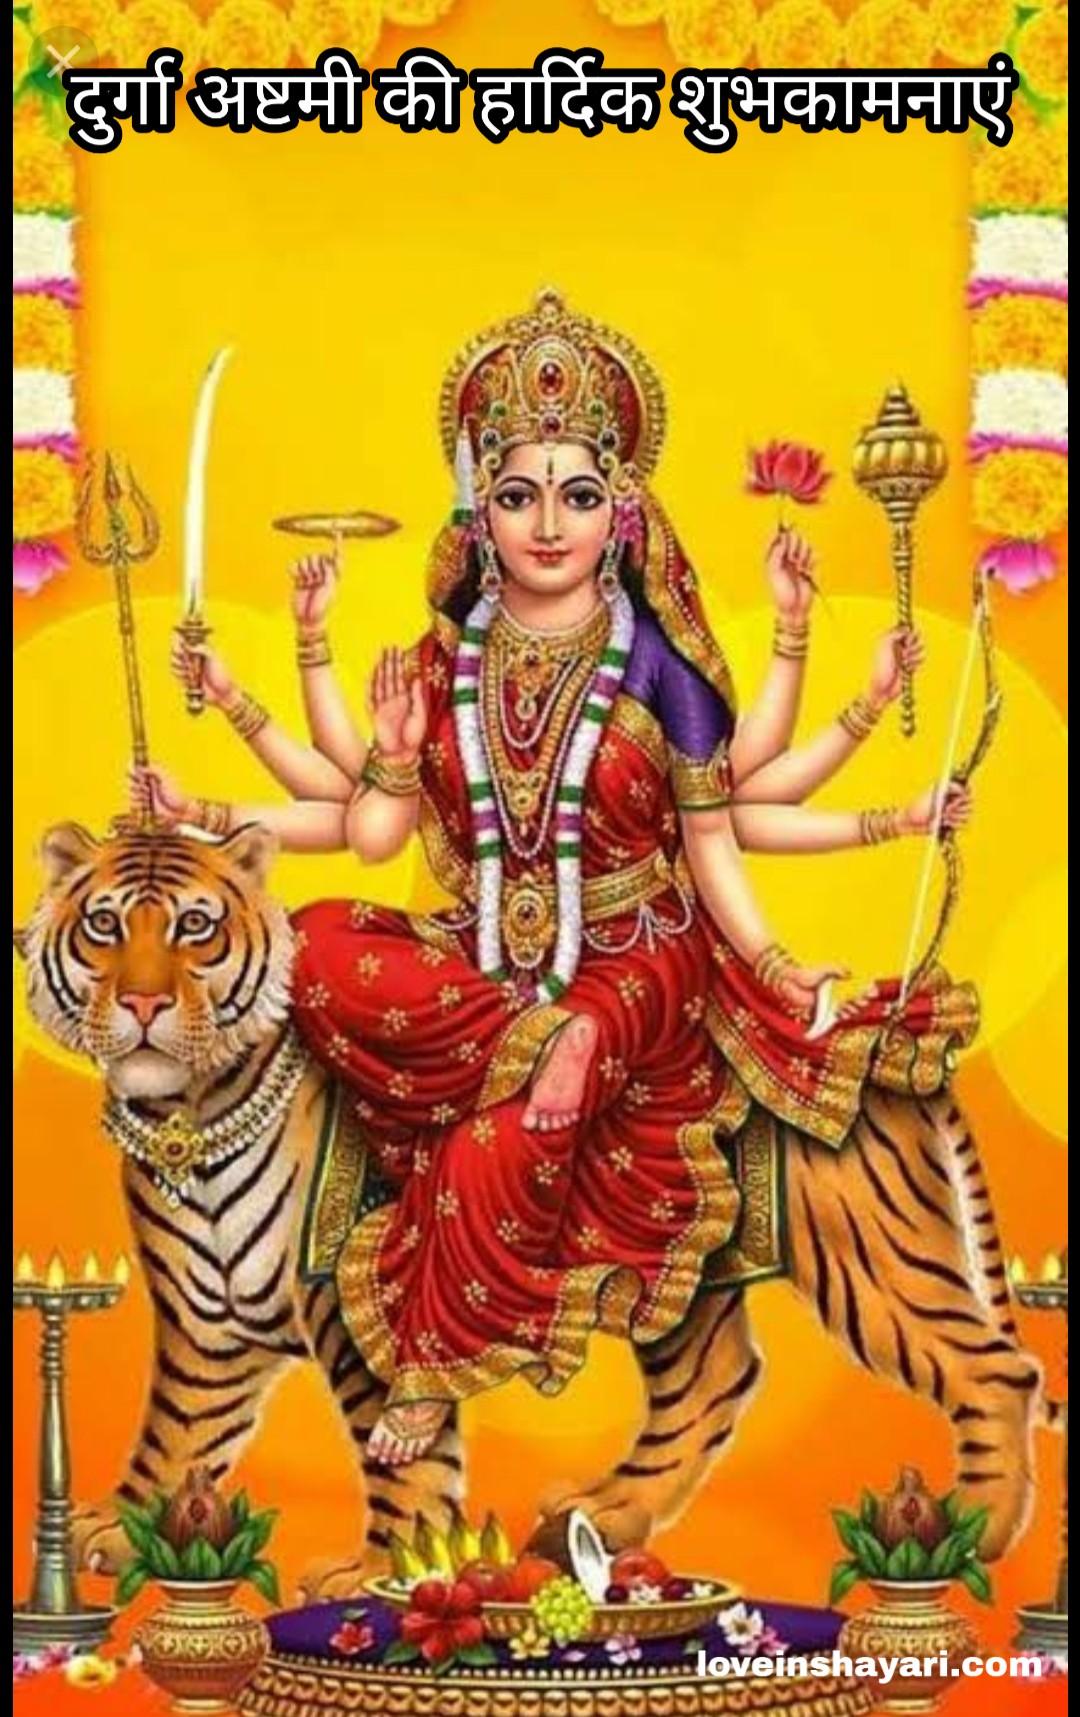 Maha ashtami wishes shayari whatsapp status images